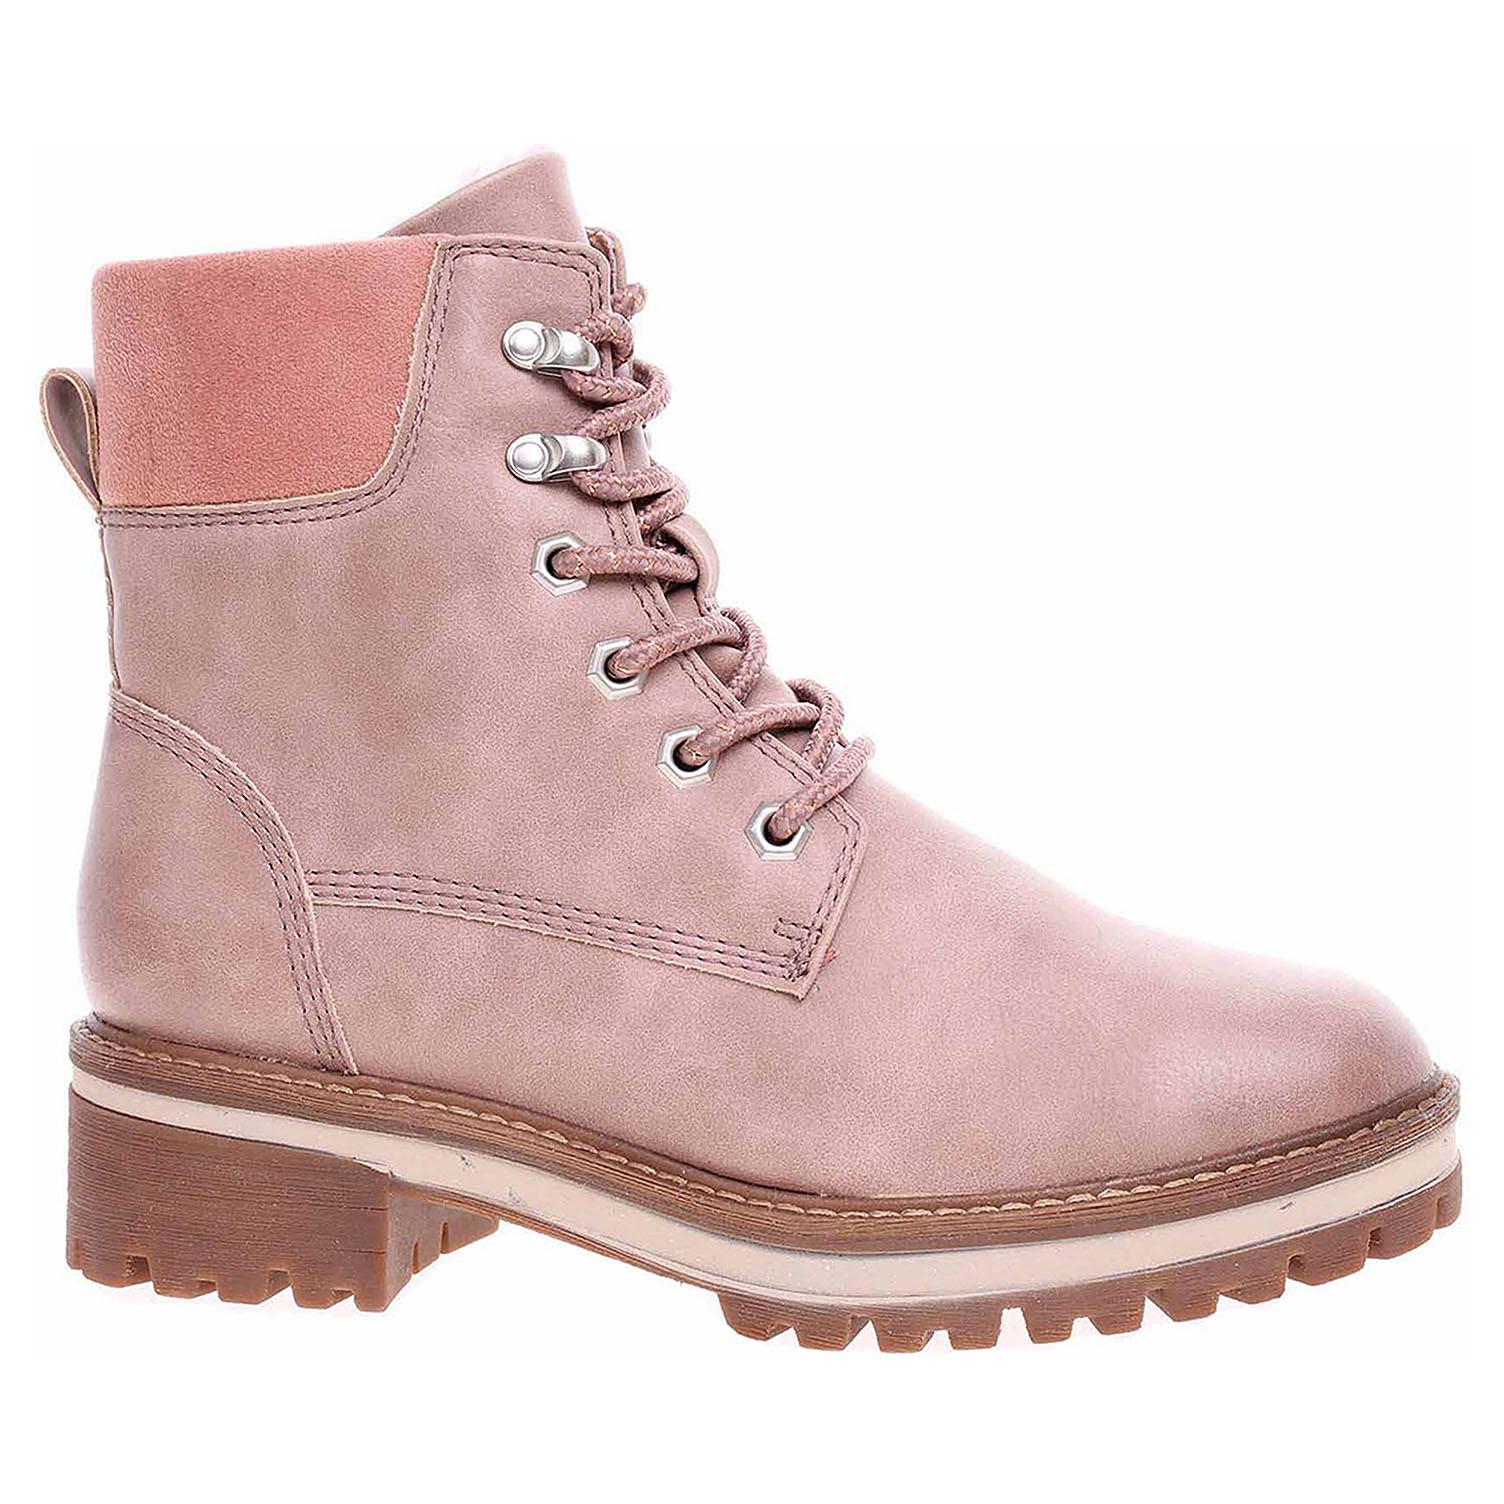 Dámská kotníková obuv Tamaris 1-26250-21 rose 1-1-26250-21 521 40